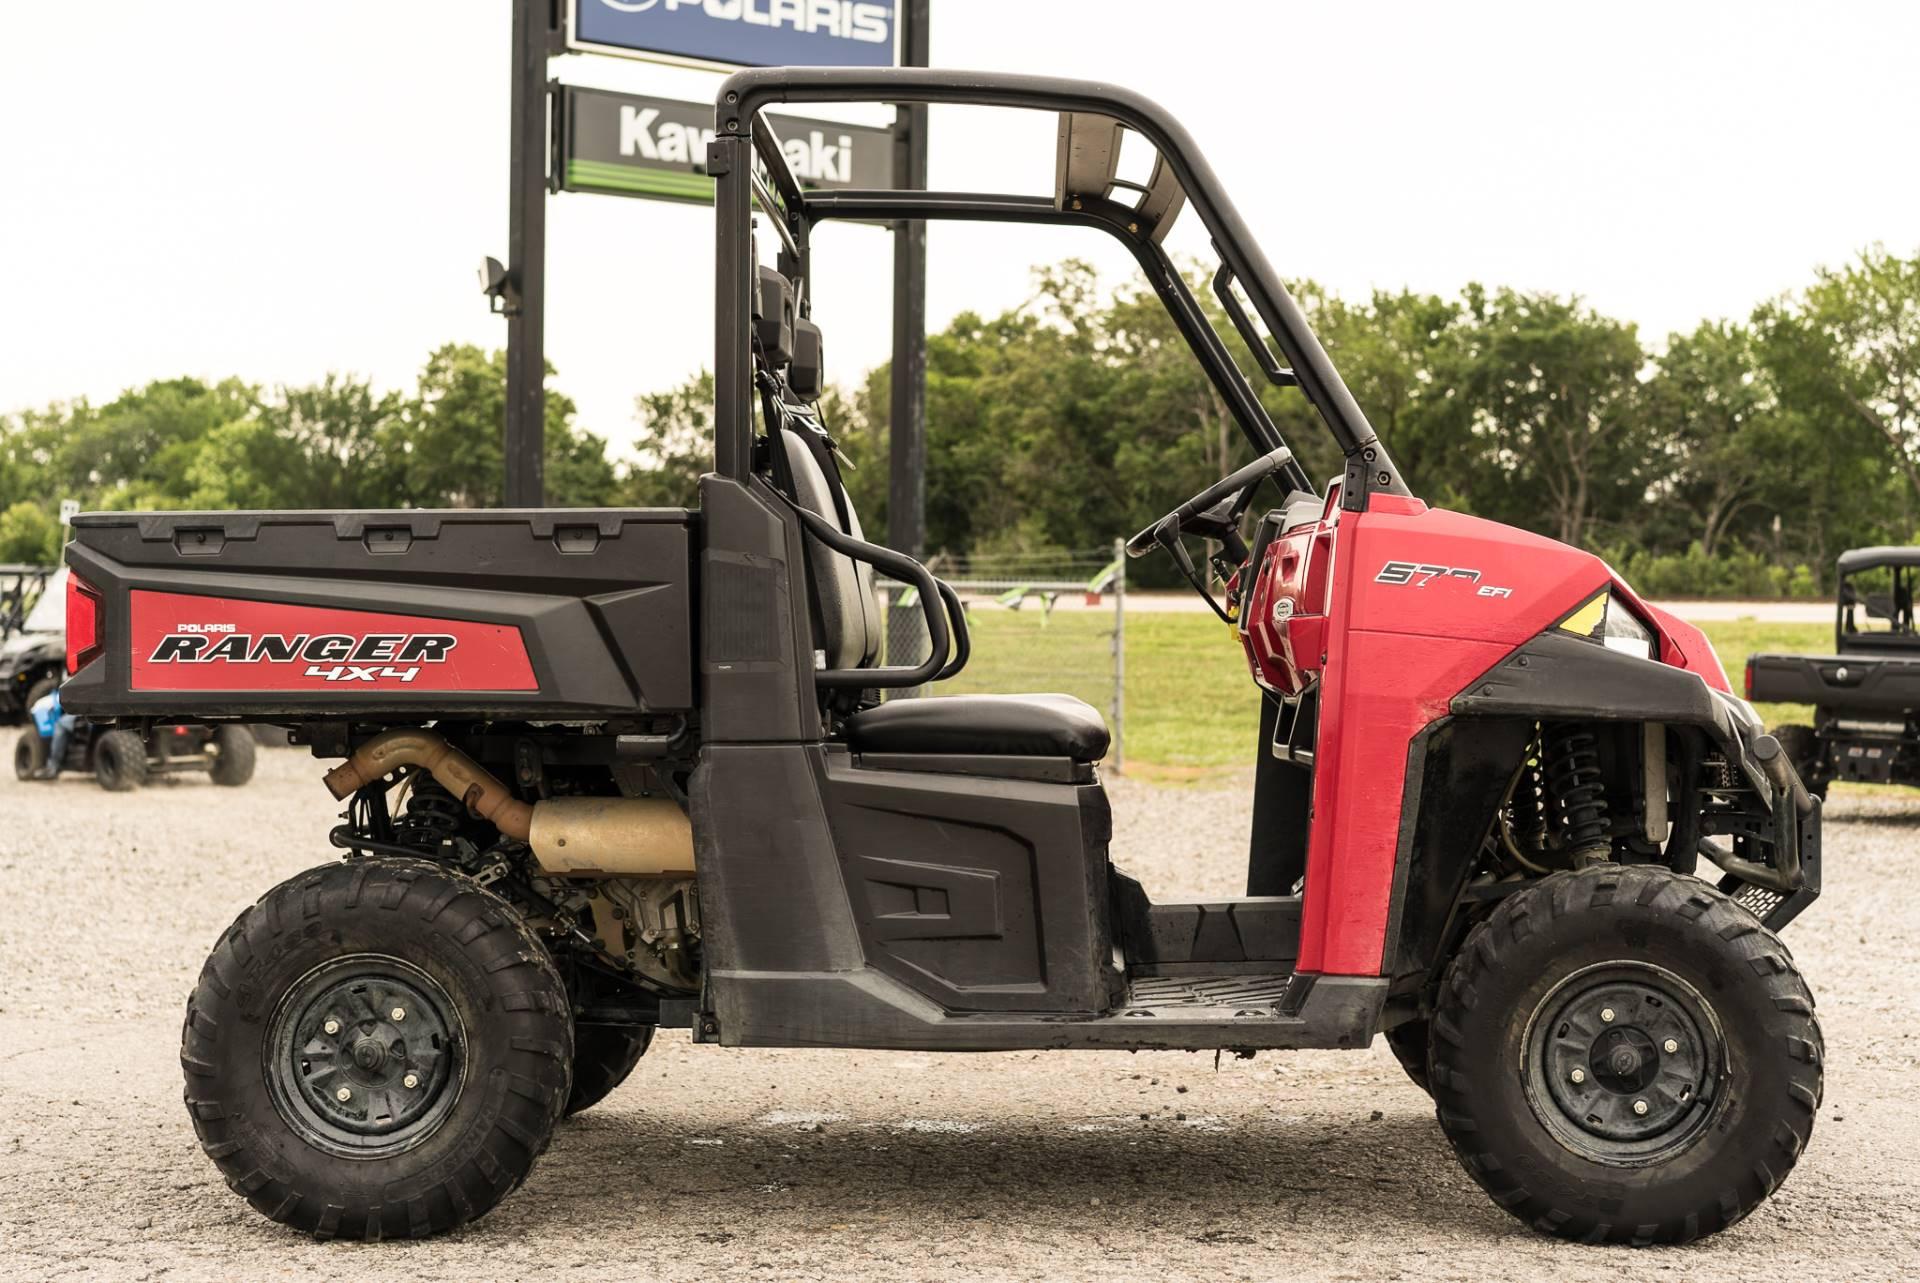 2015 Ranger570 Full Size